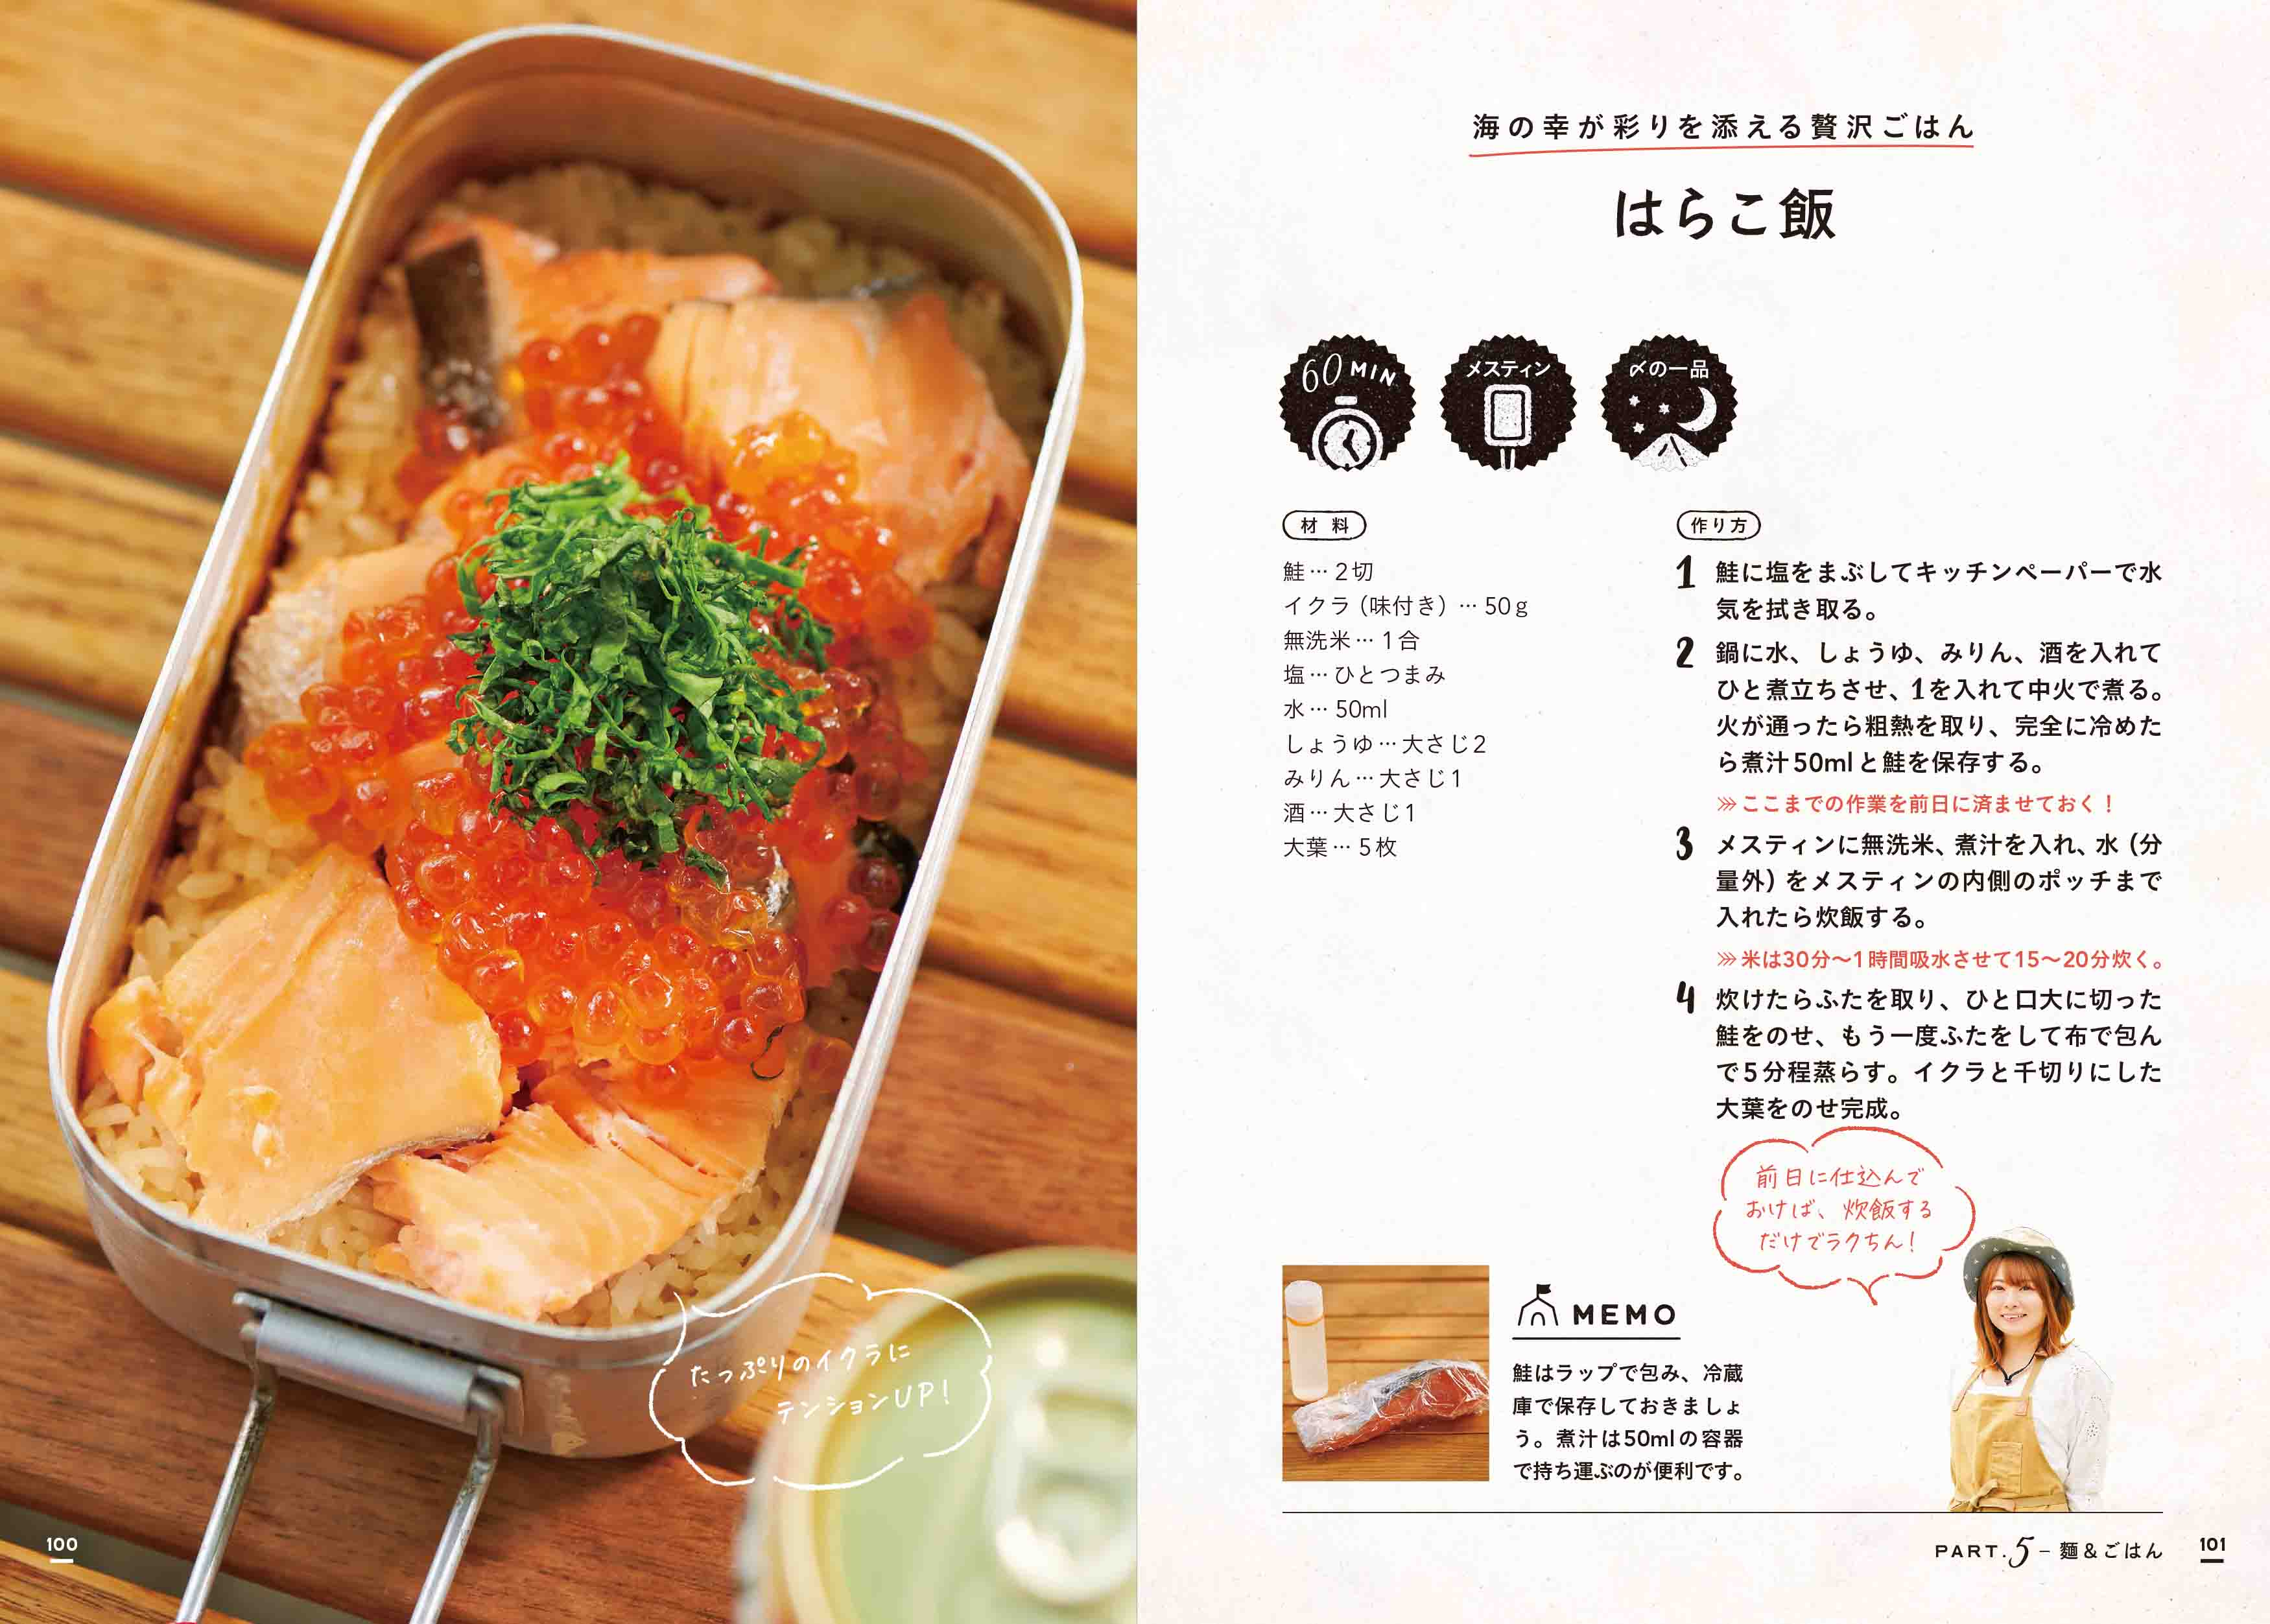 「食べごたえばっちり 麺&ごはんレシピ」紙面